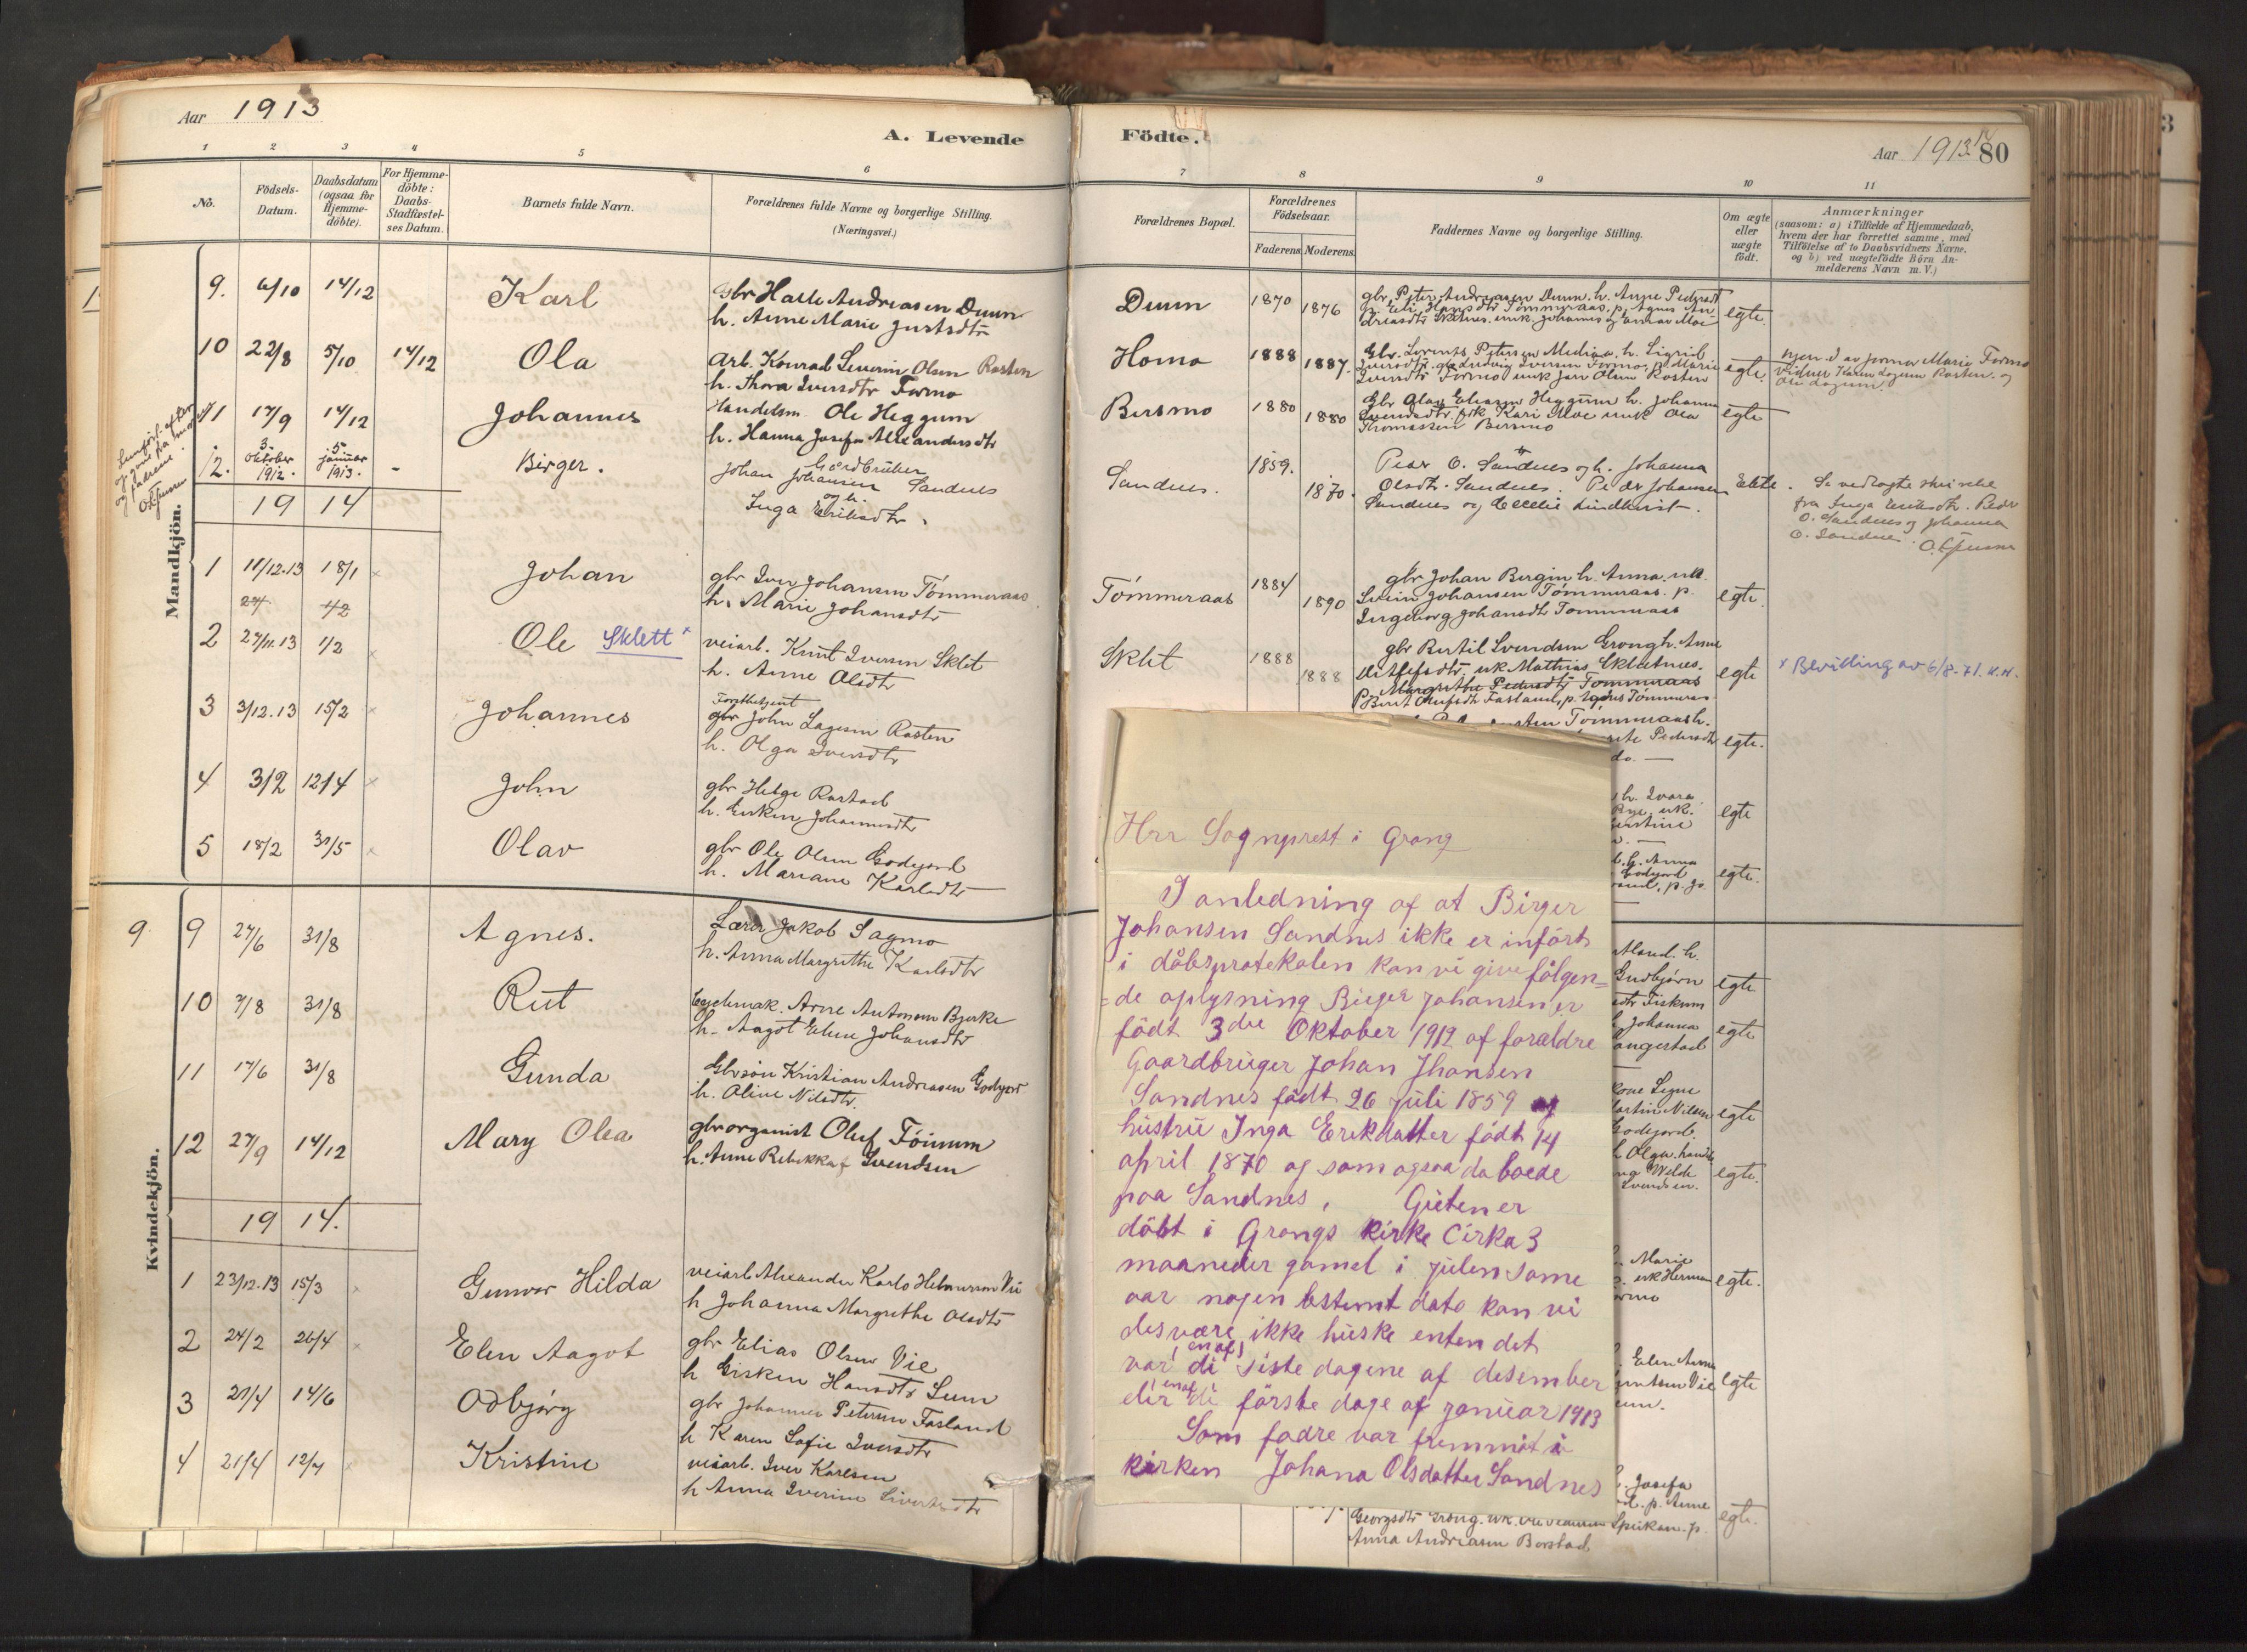 SAT, Ministerialprotokoller, klokkerbøker og fødselsregistre - Nord-Trøndelag, 758/L0519: Ministerialbok nr. 758A04, 1880-1926, s. 80